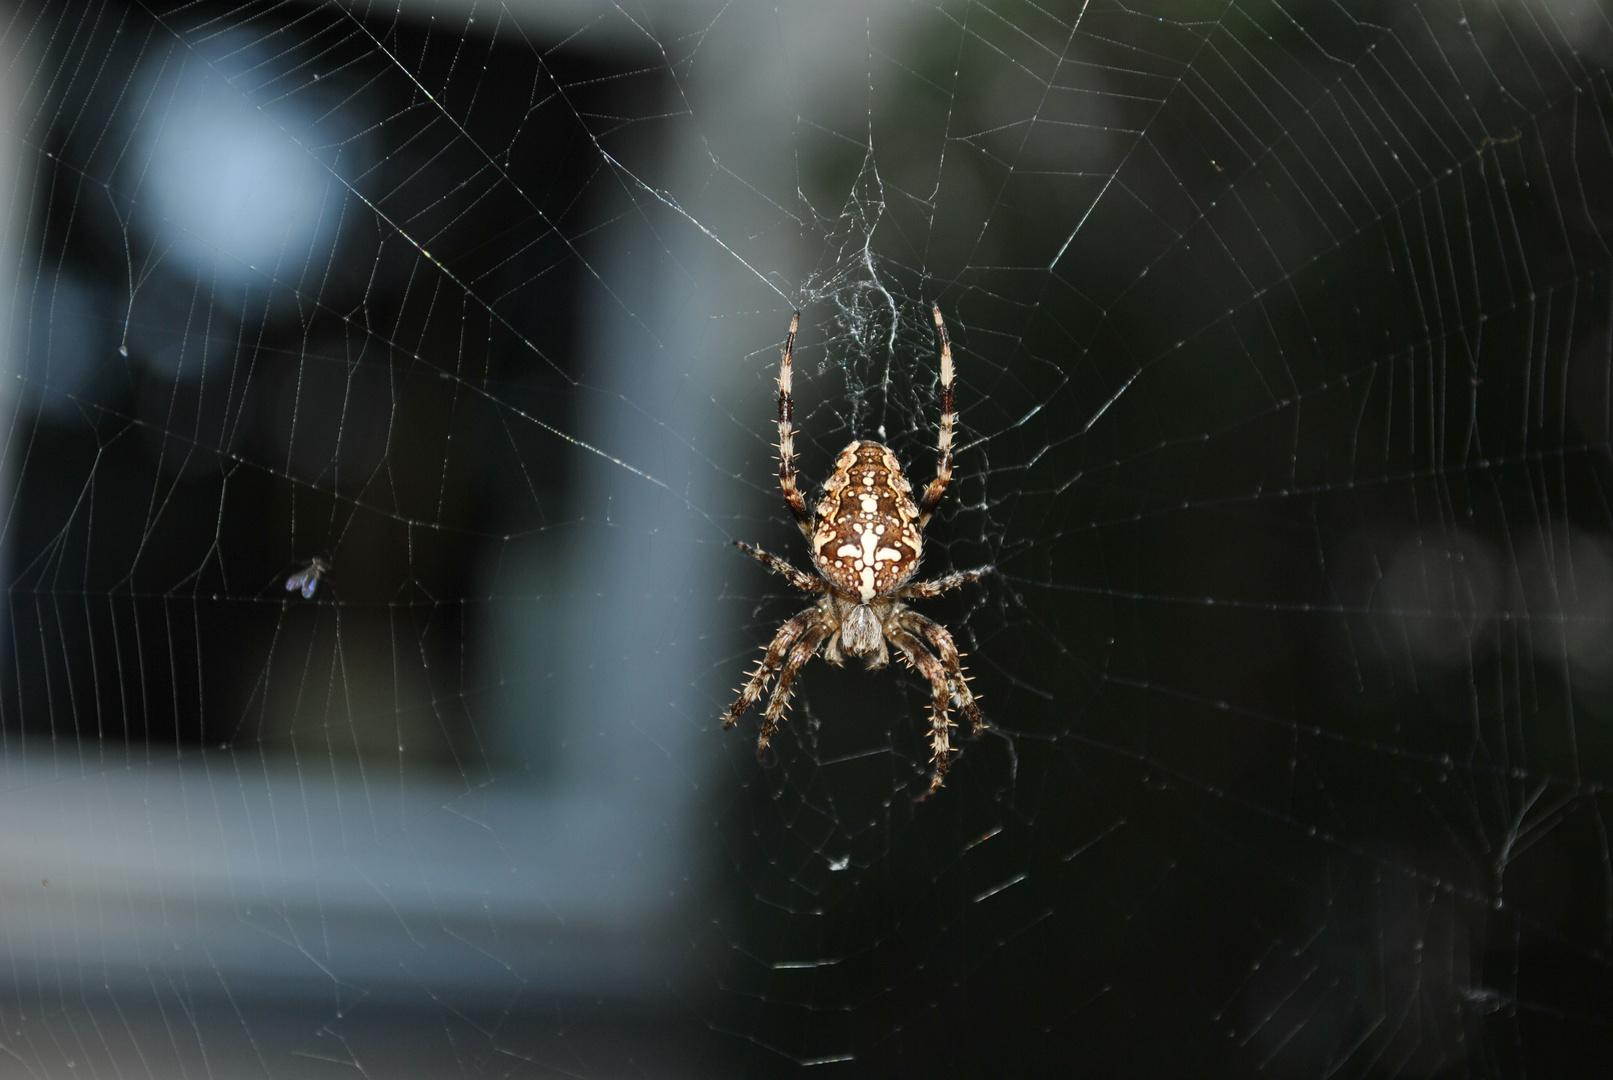 Einfach mal eine Spinne